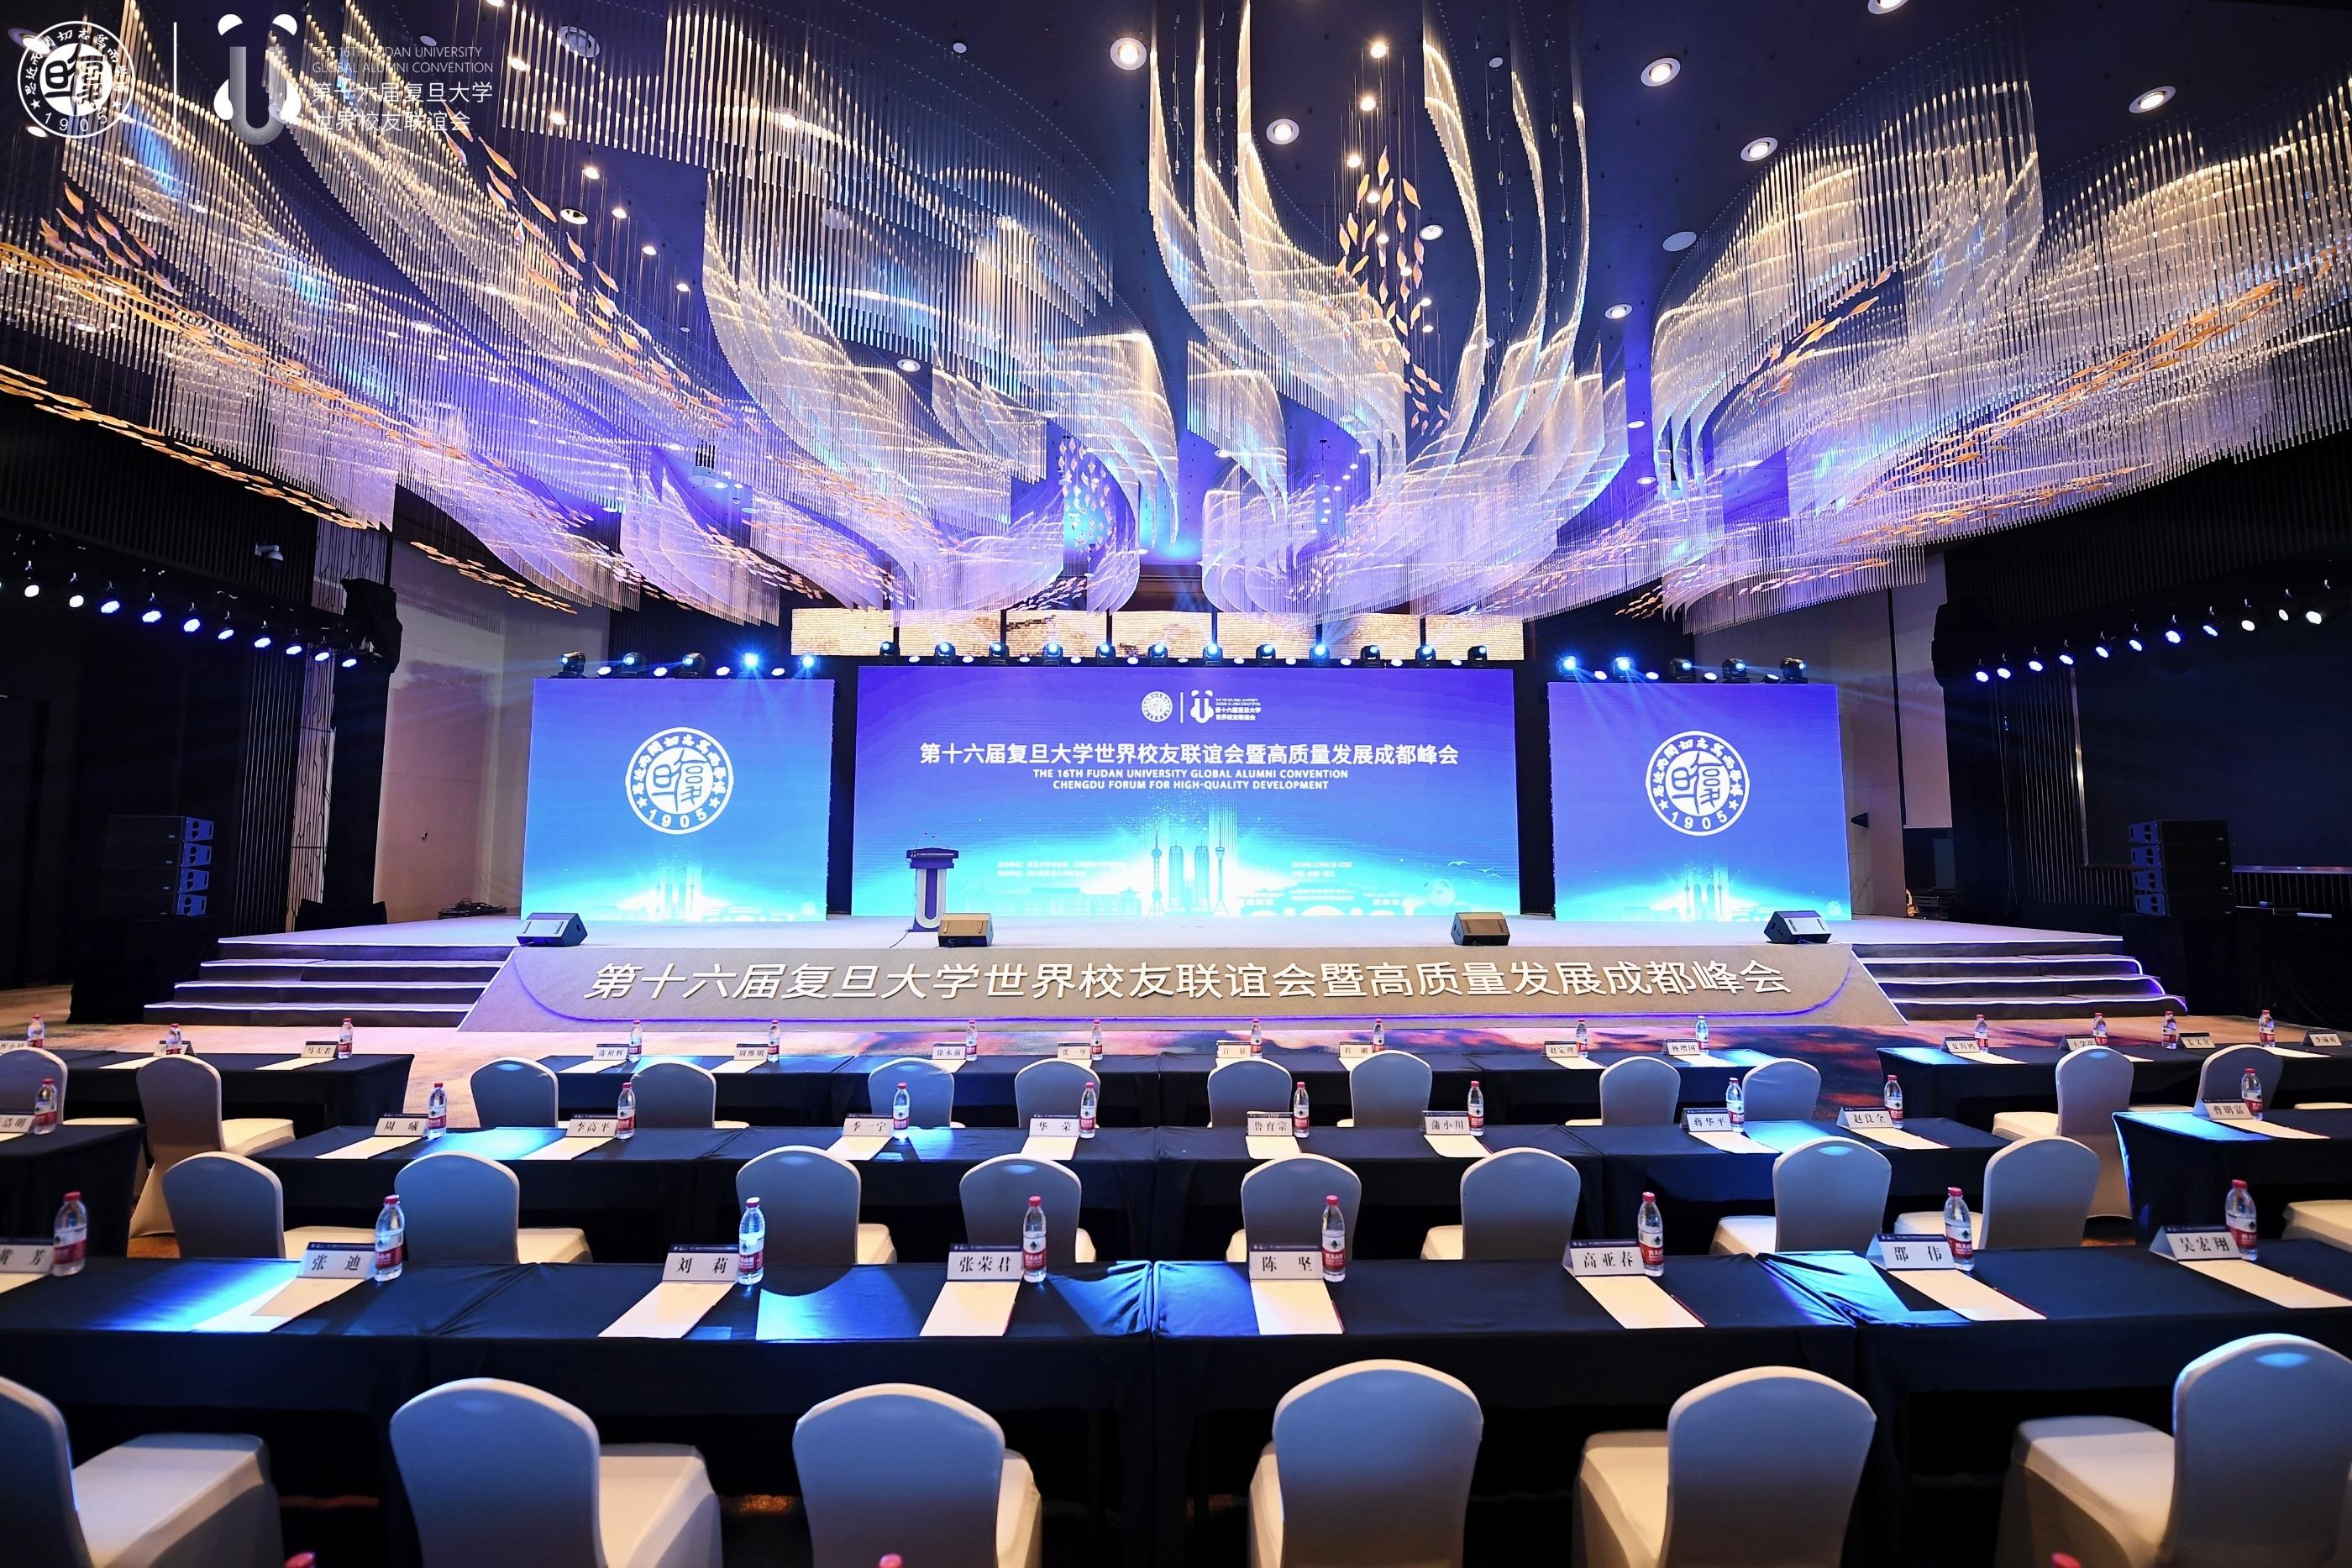 第十六届复旦大学世界校友联谊会暨高质量发展成都峰会3.JPG